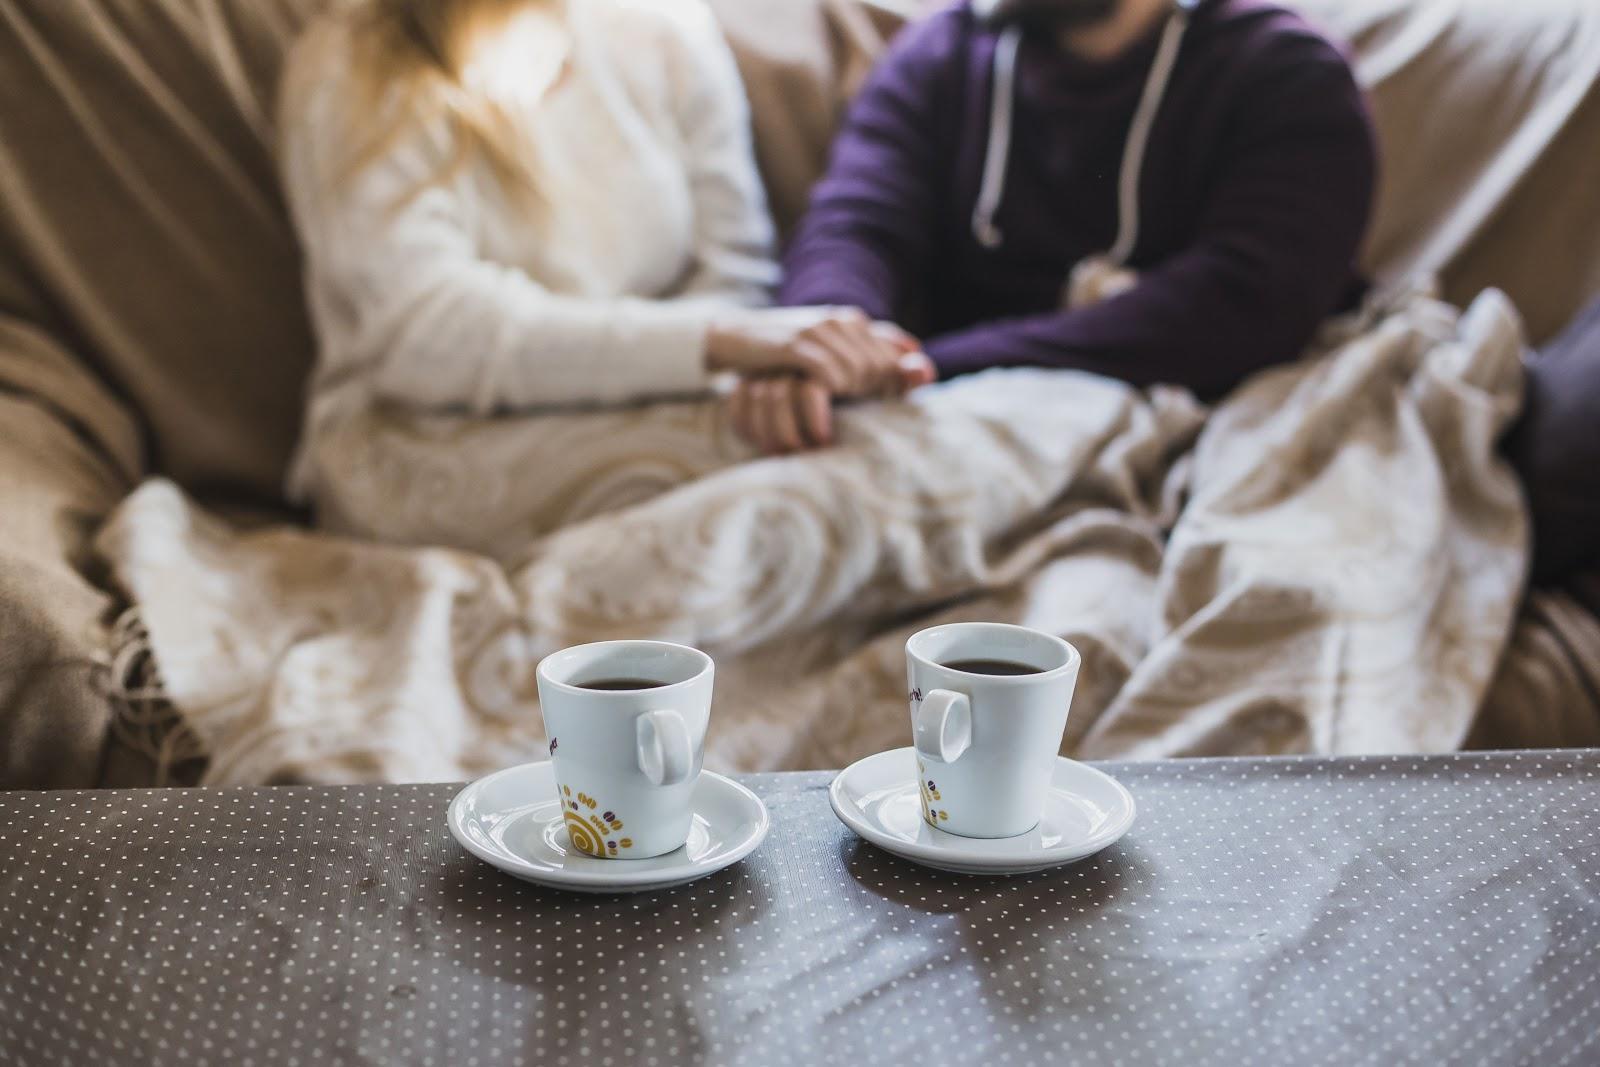 casal sentado com foco nas xicaras de cafe enfrente a eles